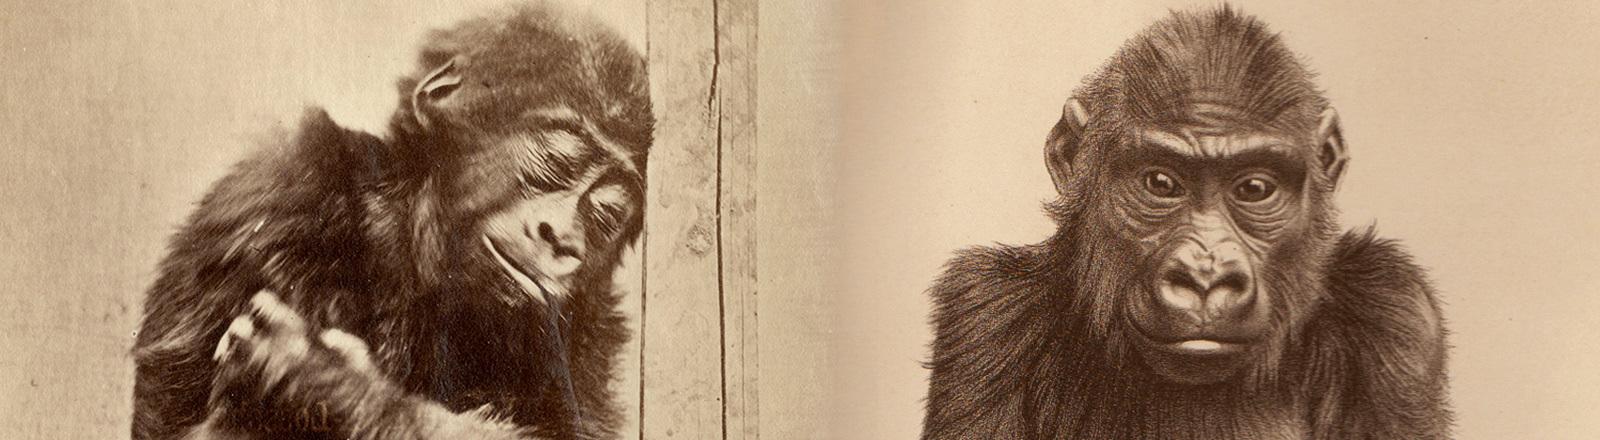 Foto des Gorillajungen M'Pungu, daneben eine Lithographie von M'Pungu